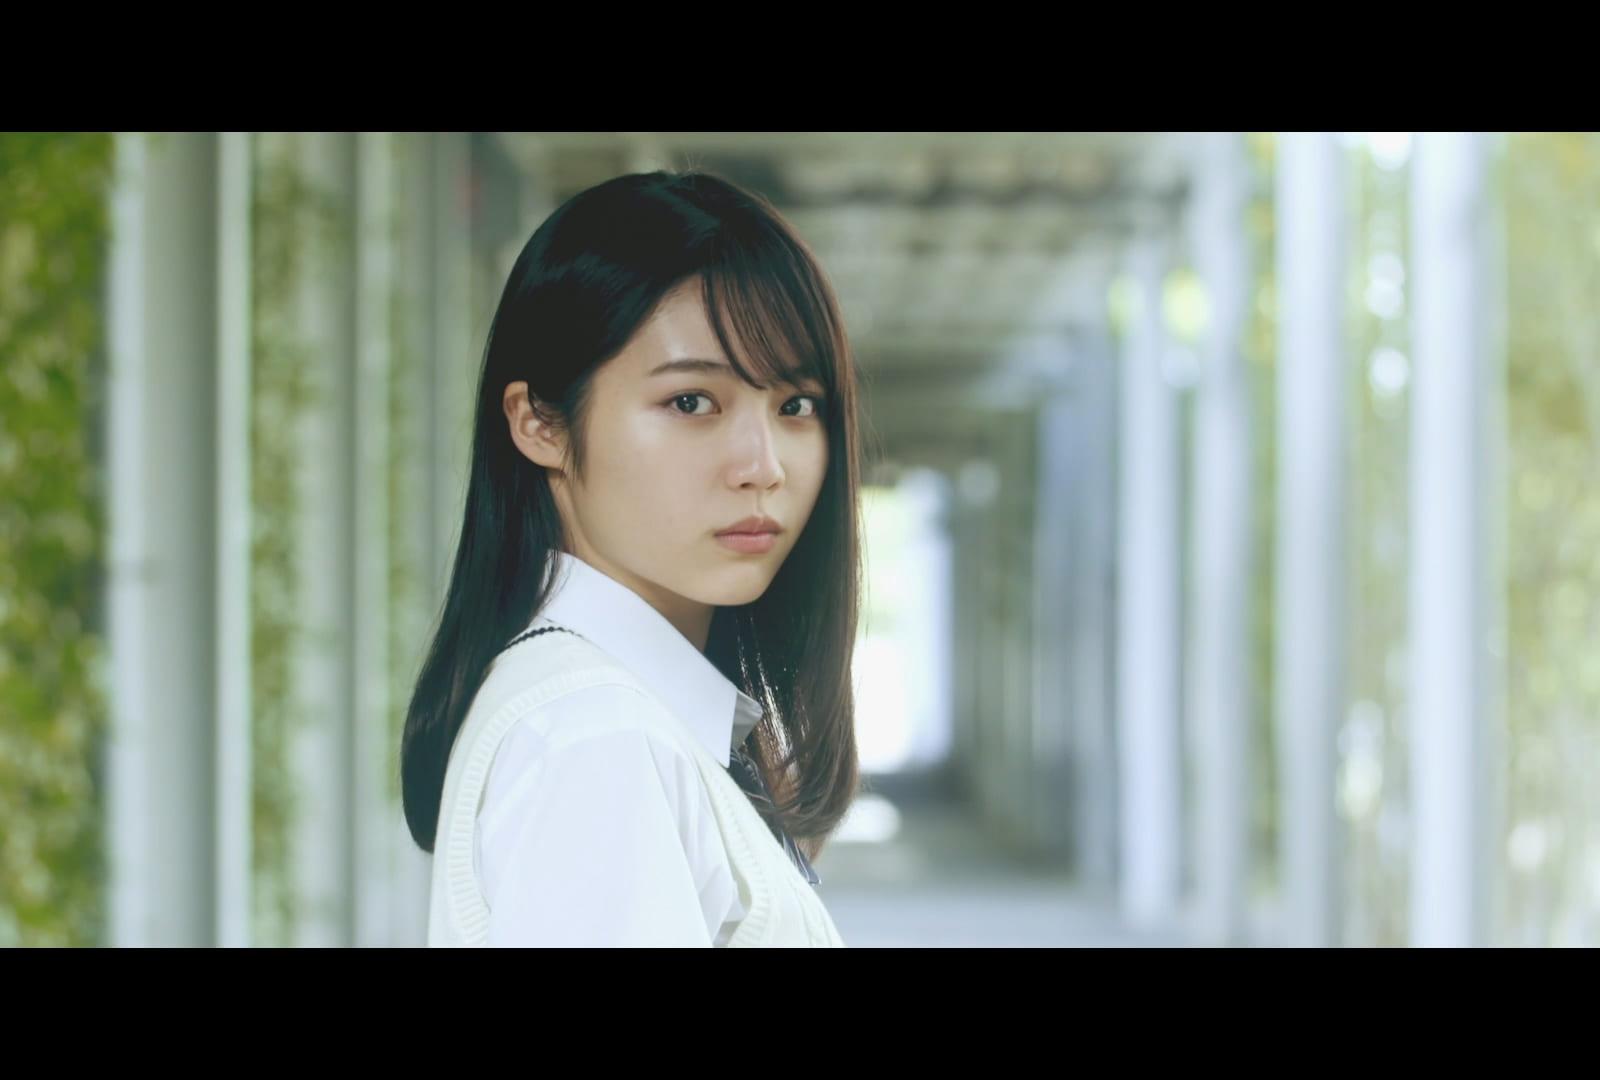 「帝京大学 理工学部」新CMの女子高生・秋田汐梨、心奪われるかわいさ 「クラスの圧倒的マドンナ感」と浮き足立つ